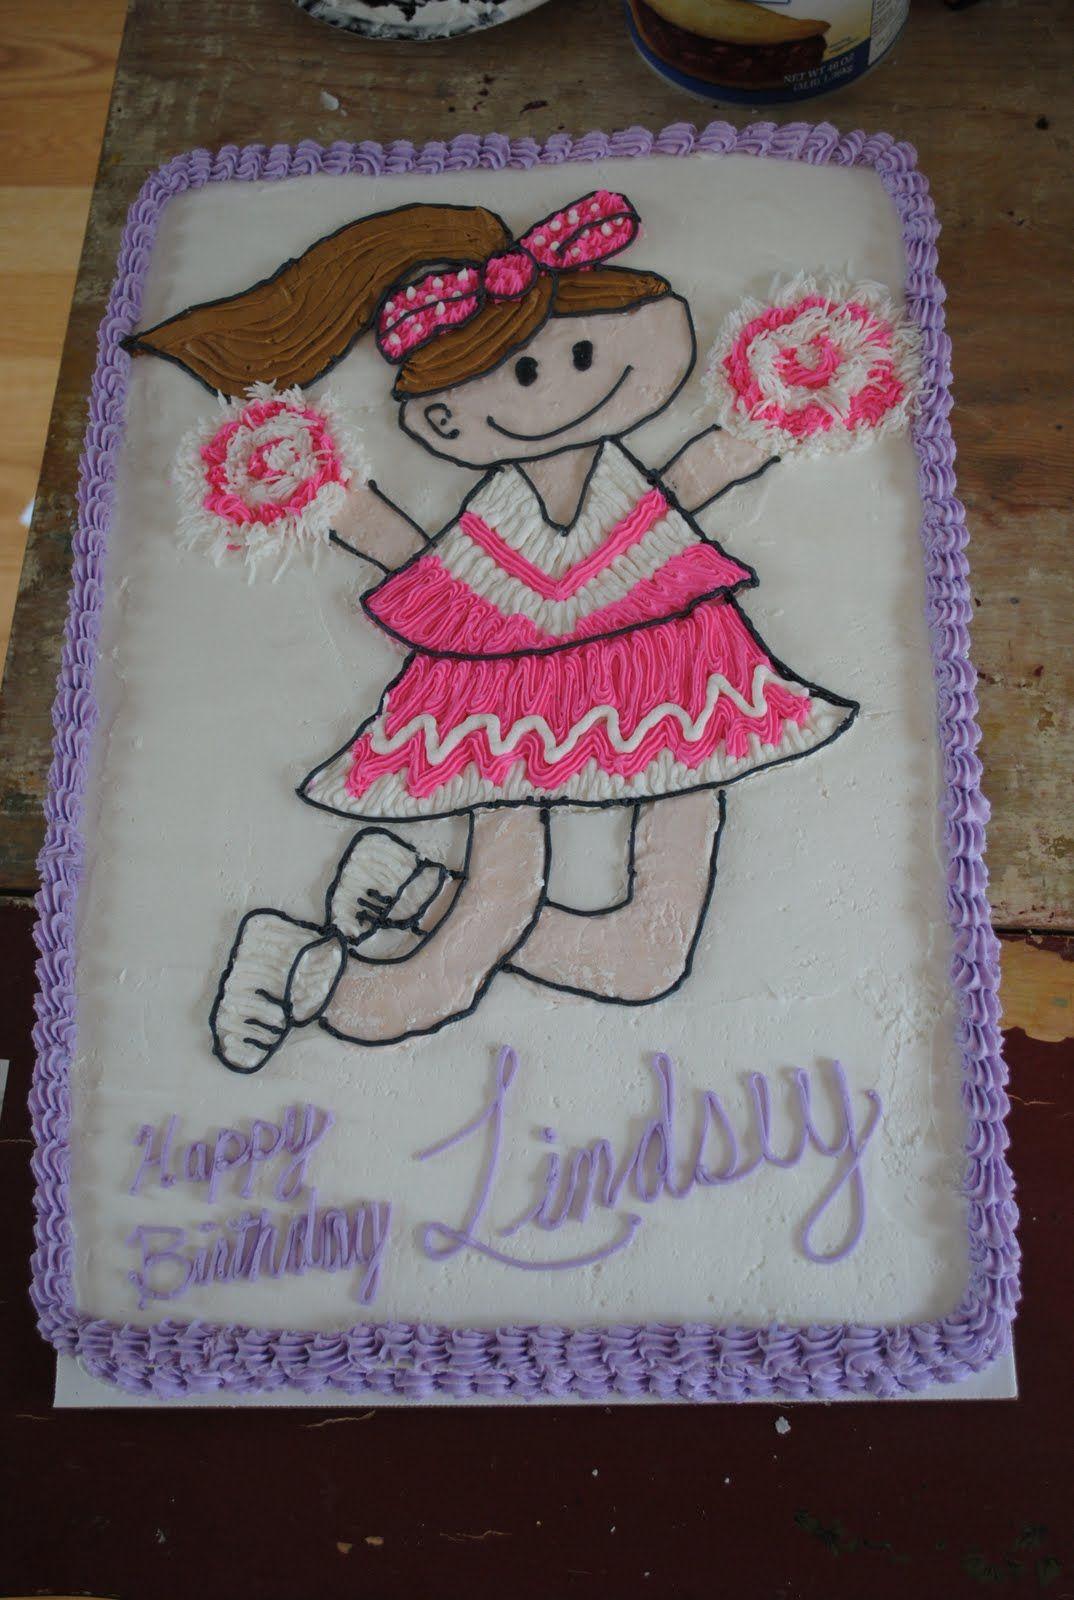 Megaphone Cake Sweet Dreams By Sara Cheerleader Birthday Cake